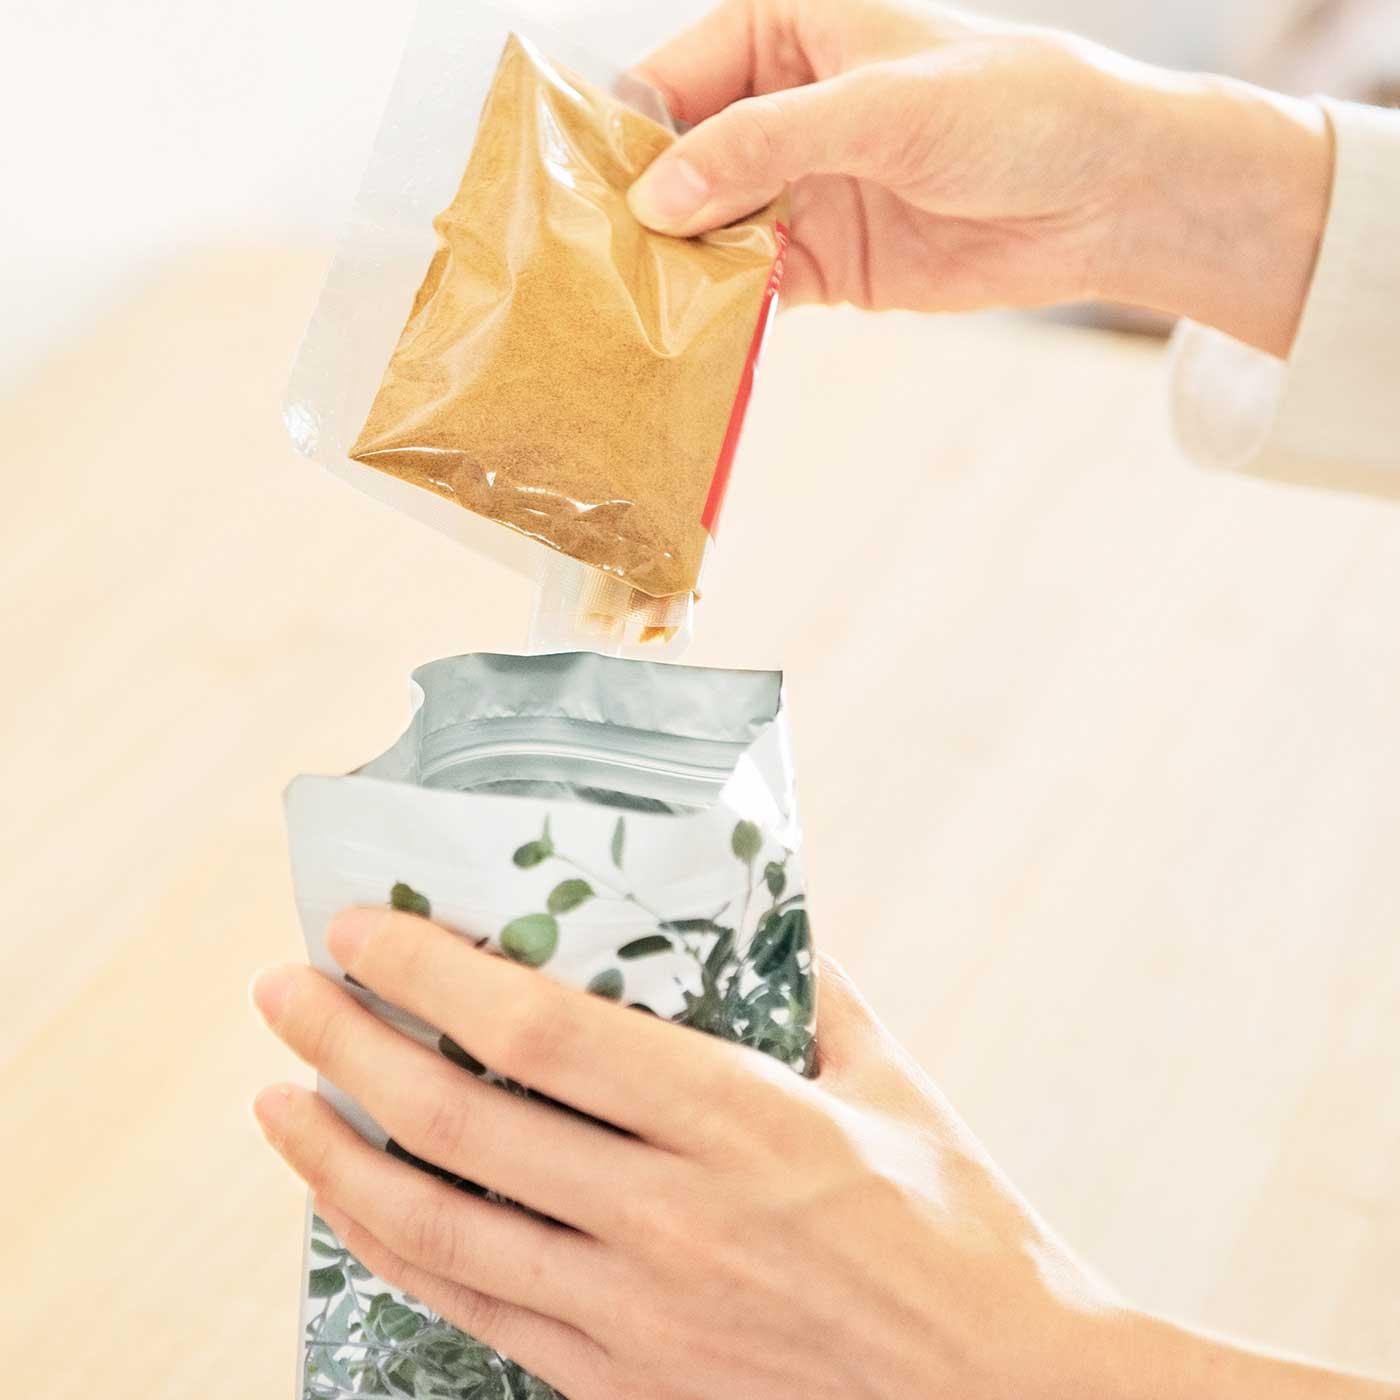 アルミ箔(はく)を含む3層構造で食材を湿気から守って長持ち。